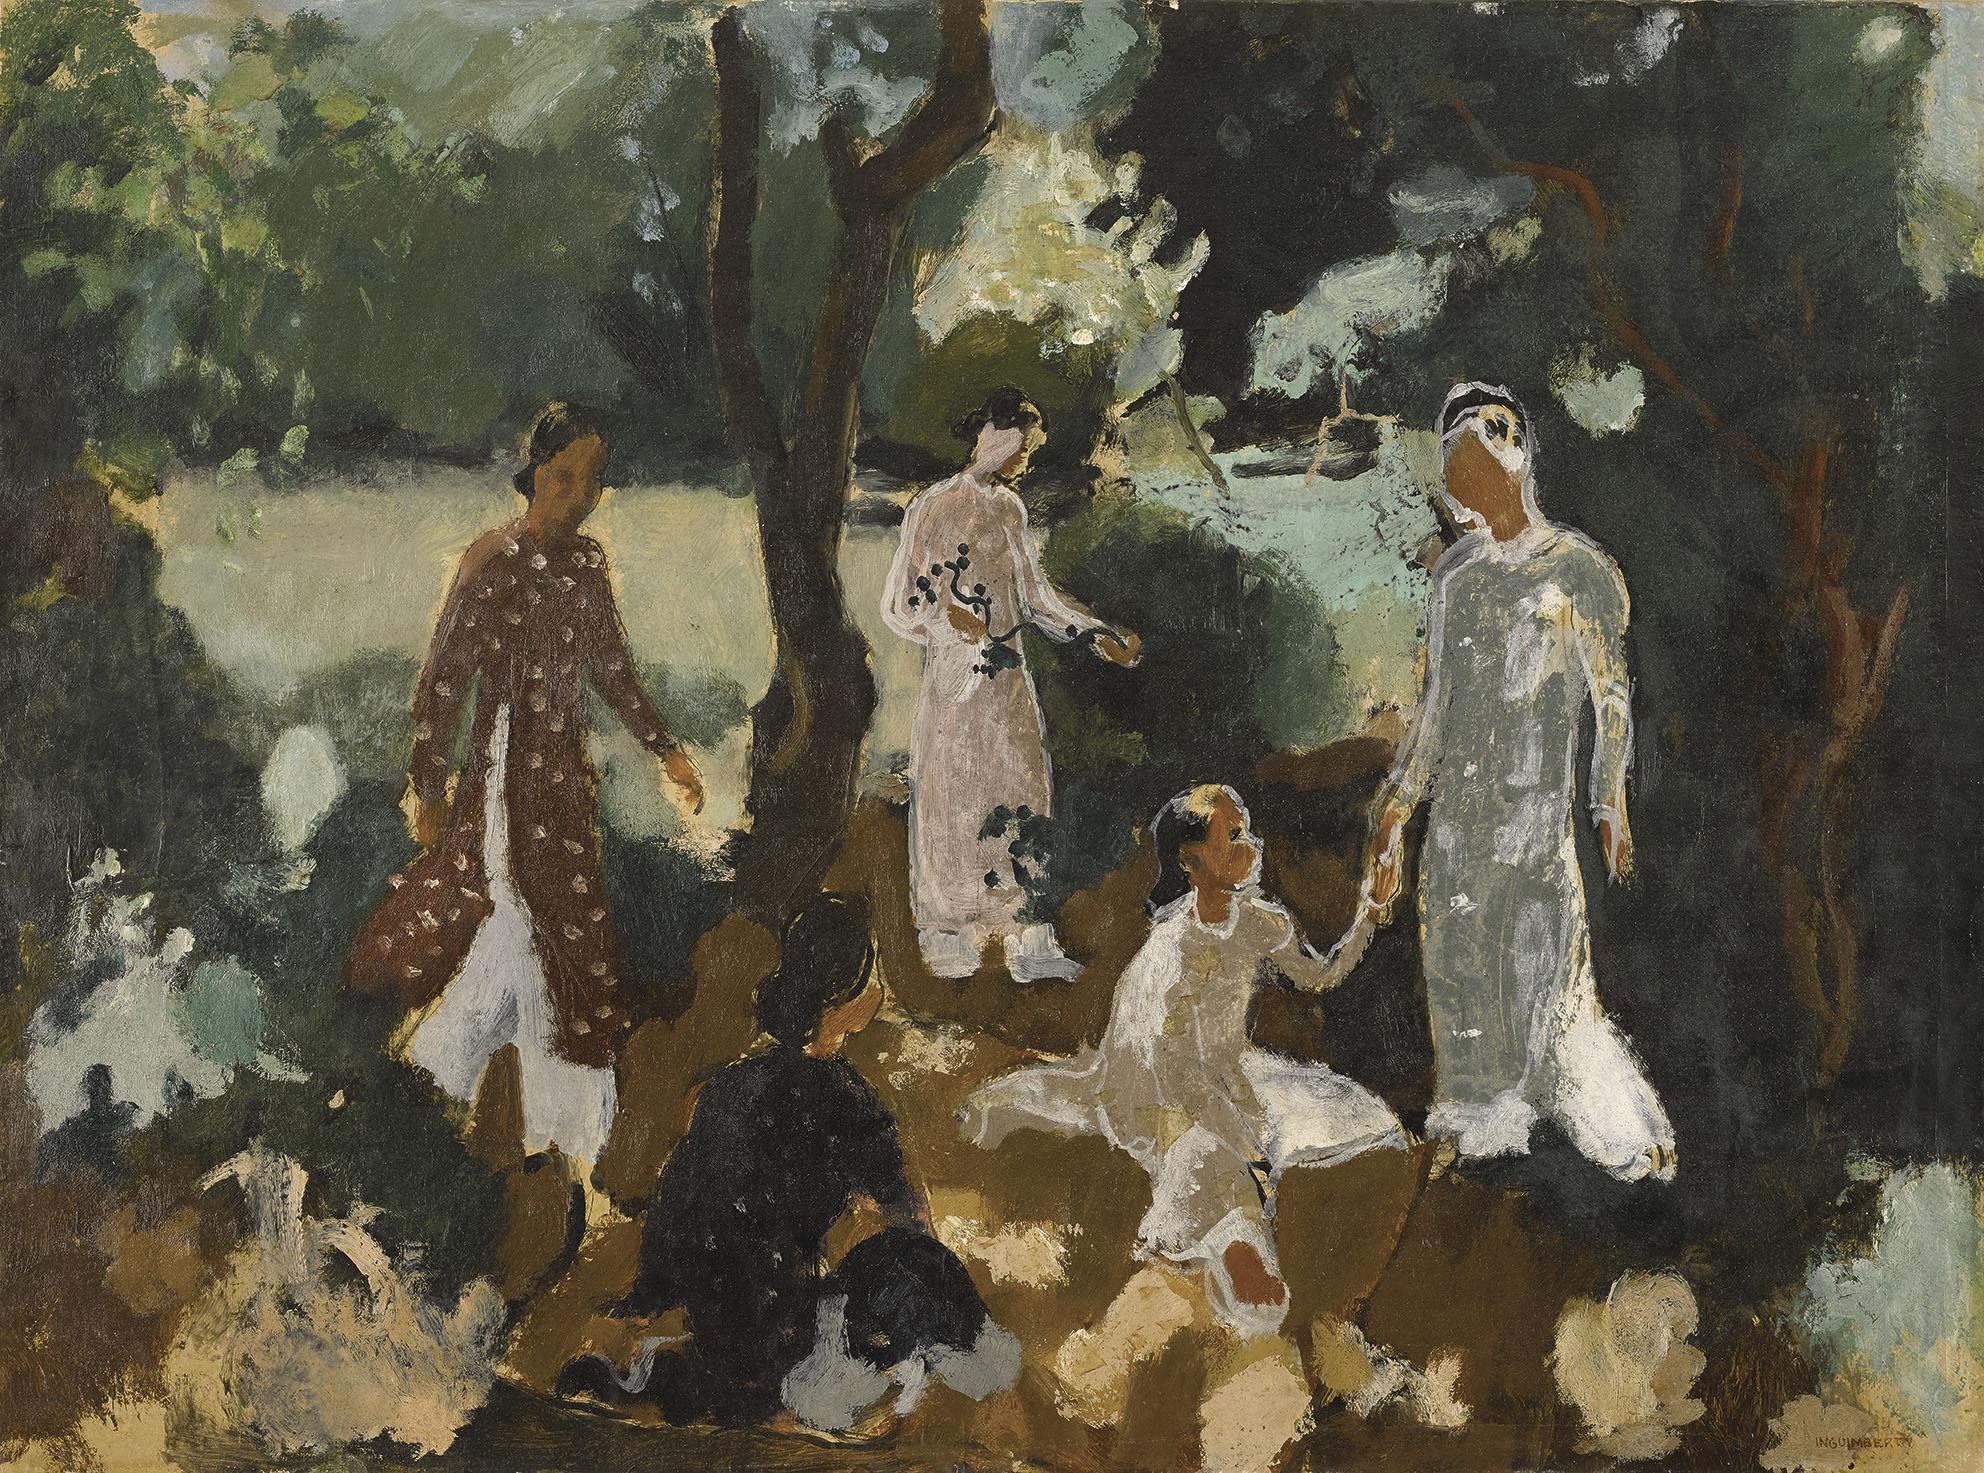 Réunion de Femmes (Gathering of the Ladies)